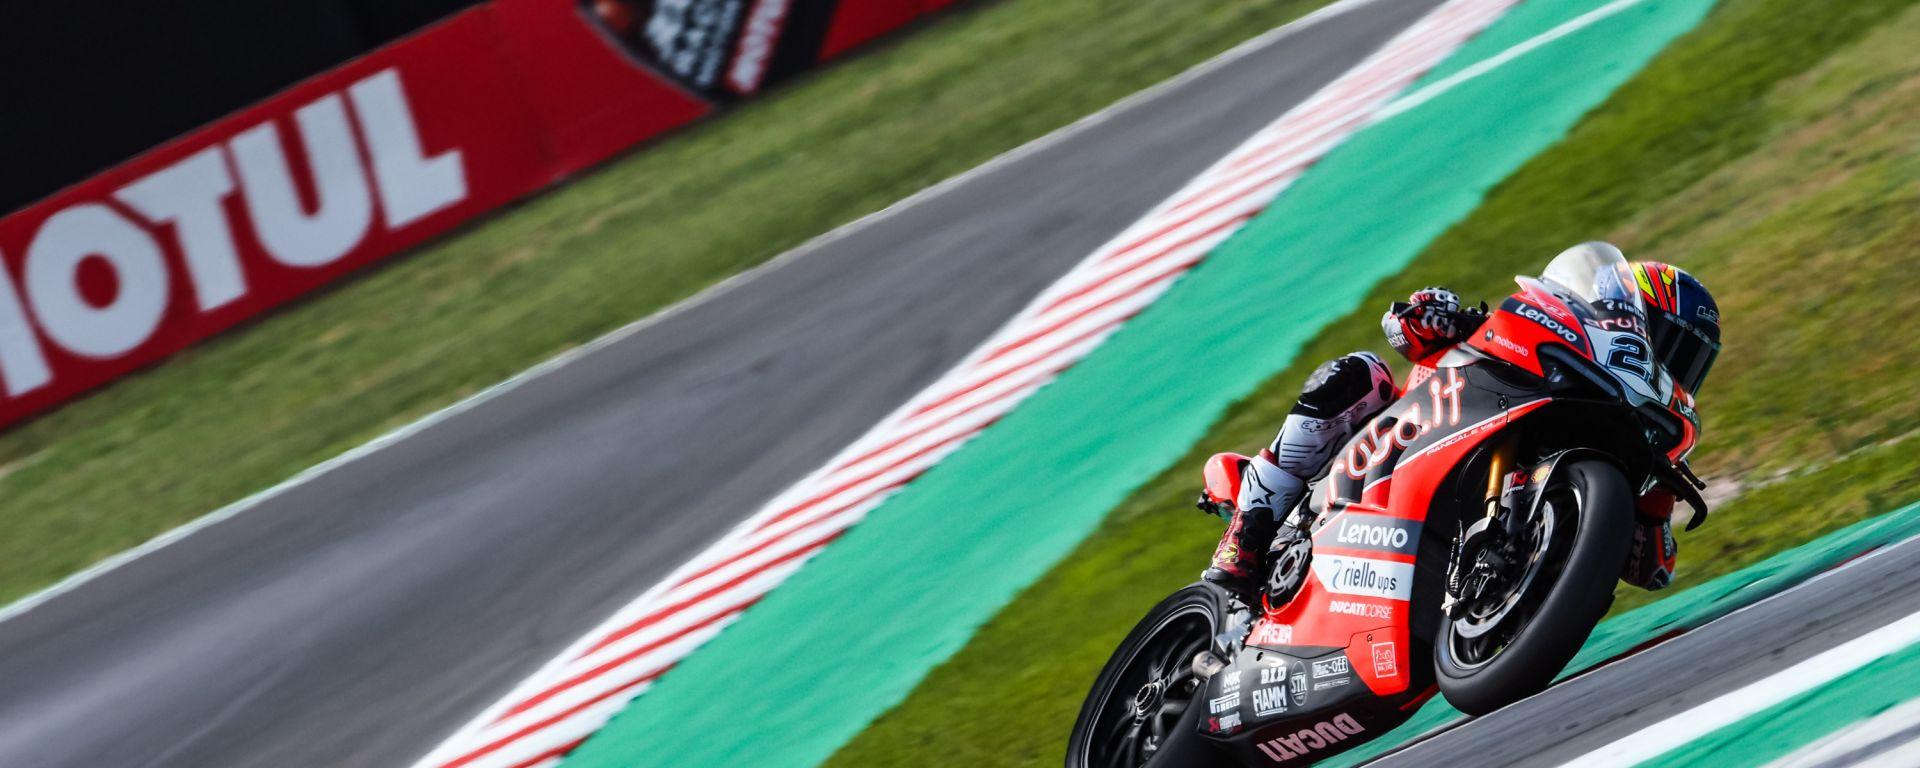 Superbike 2021, Michael Ruben Rinaldi (Ducati Aruba.it) impegnato nel round di Misano